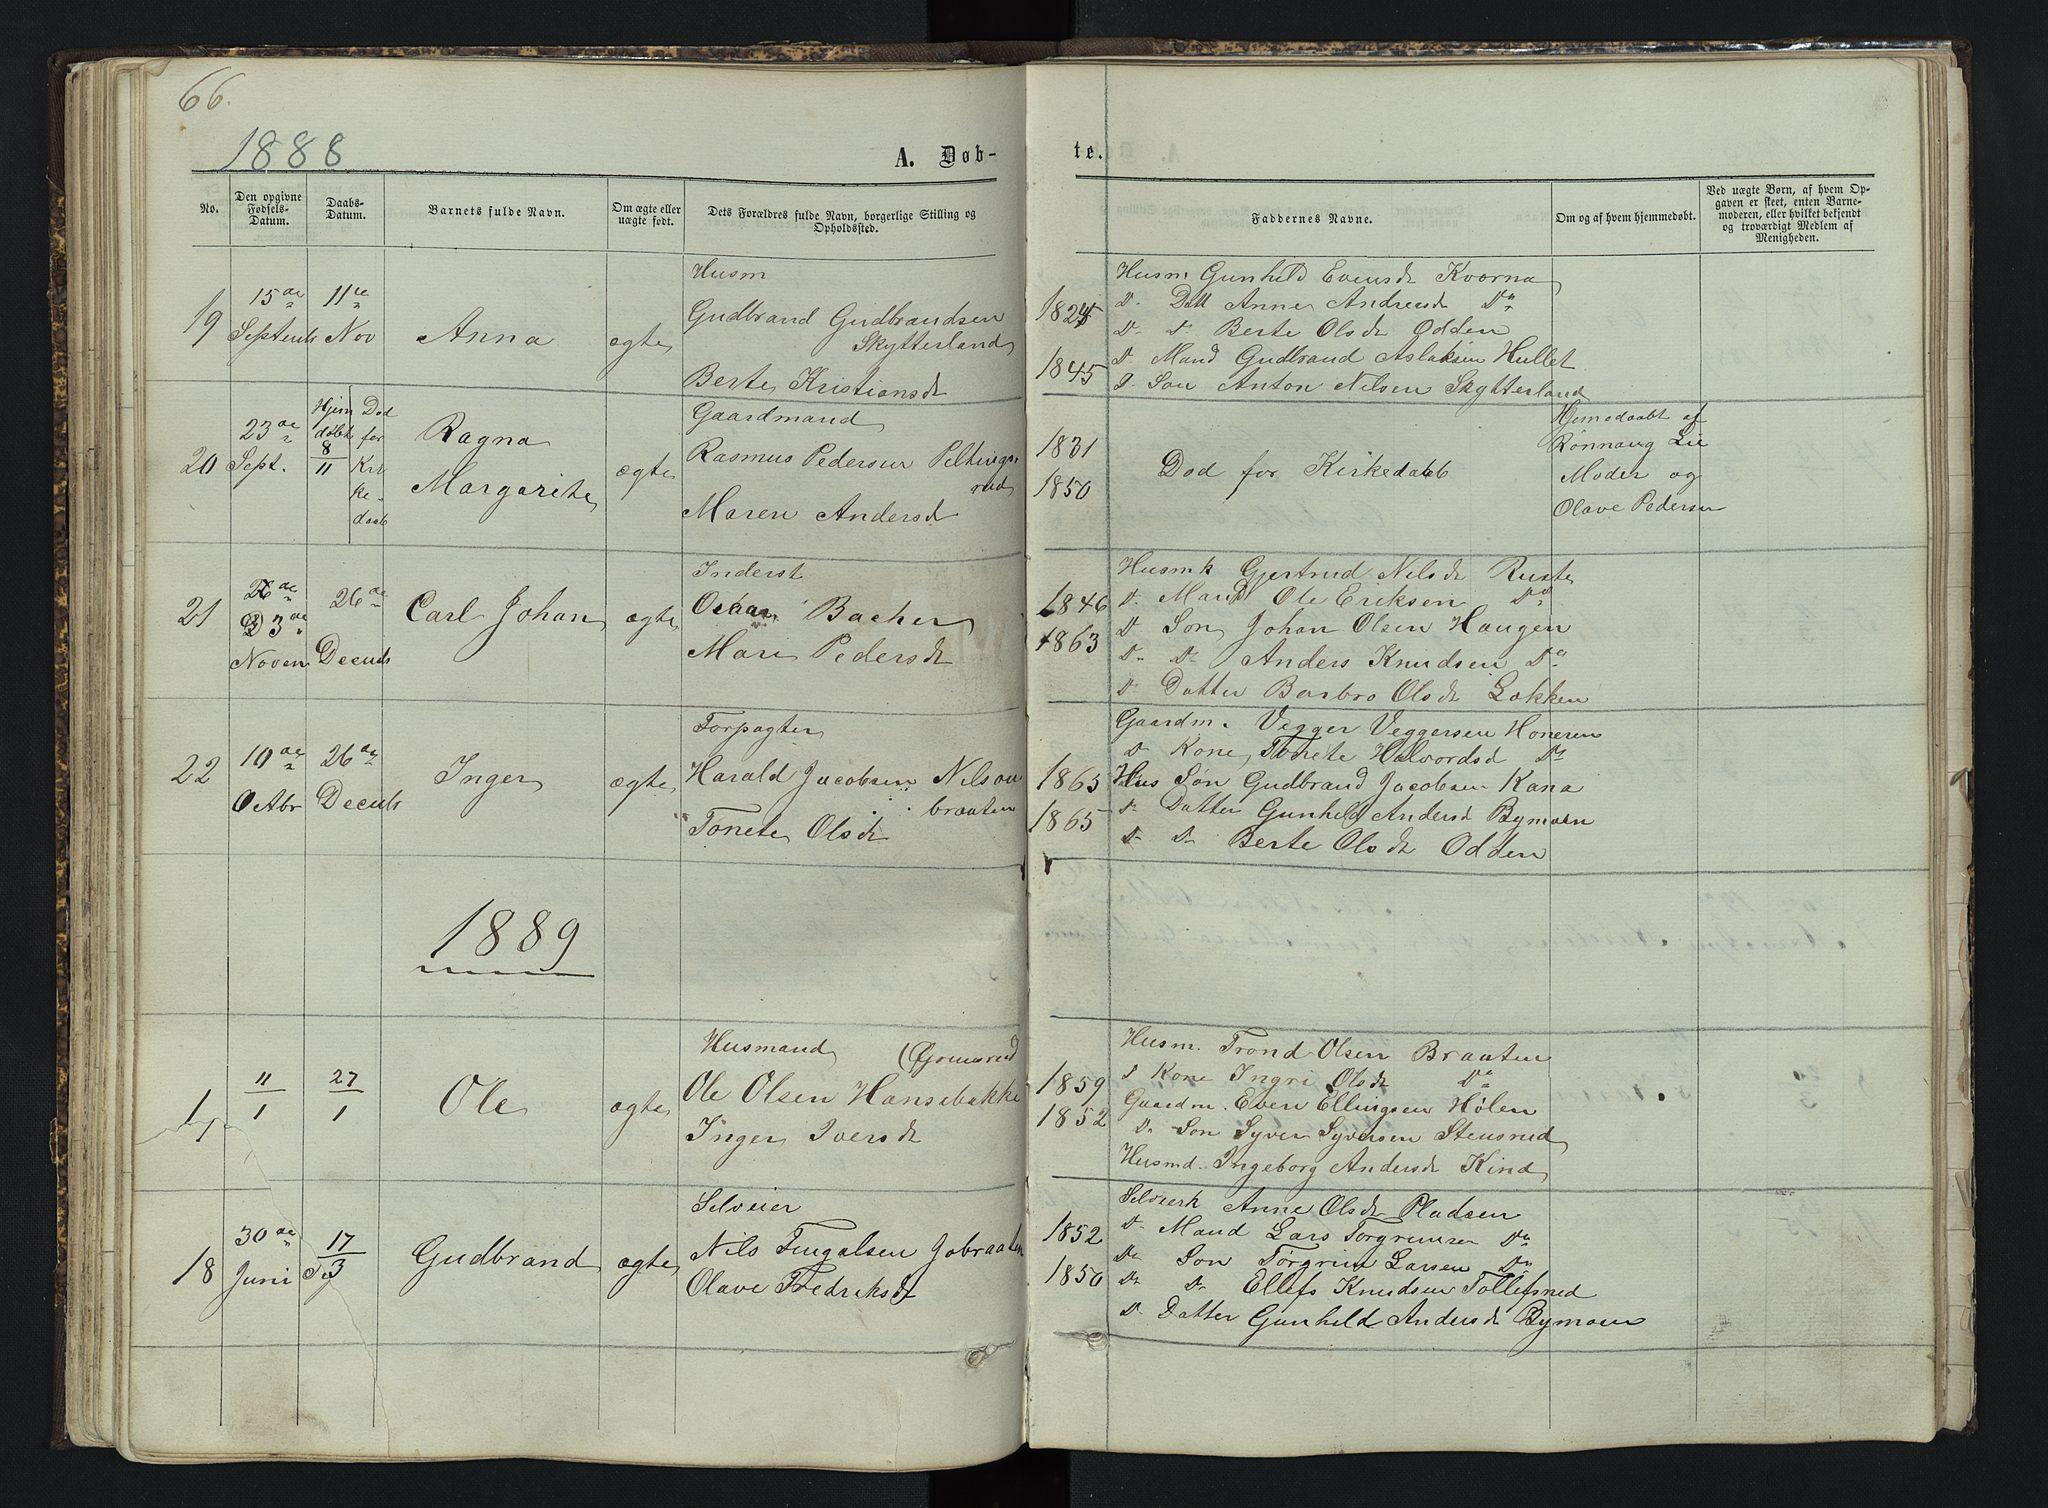 SAH, Sør-Aurdal prestekontor, Klokkerbok nr. 3, 1862-1893, s. 66